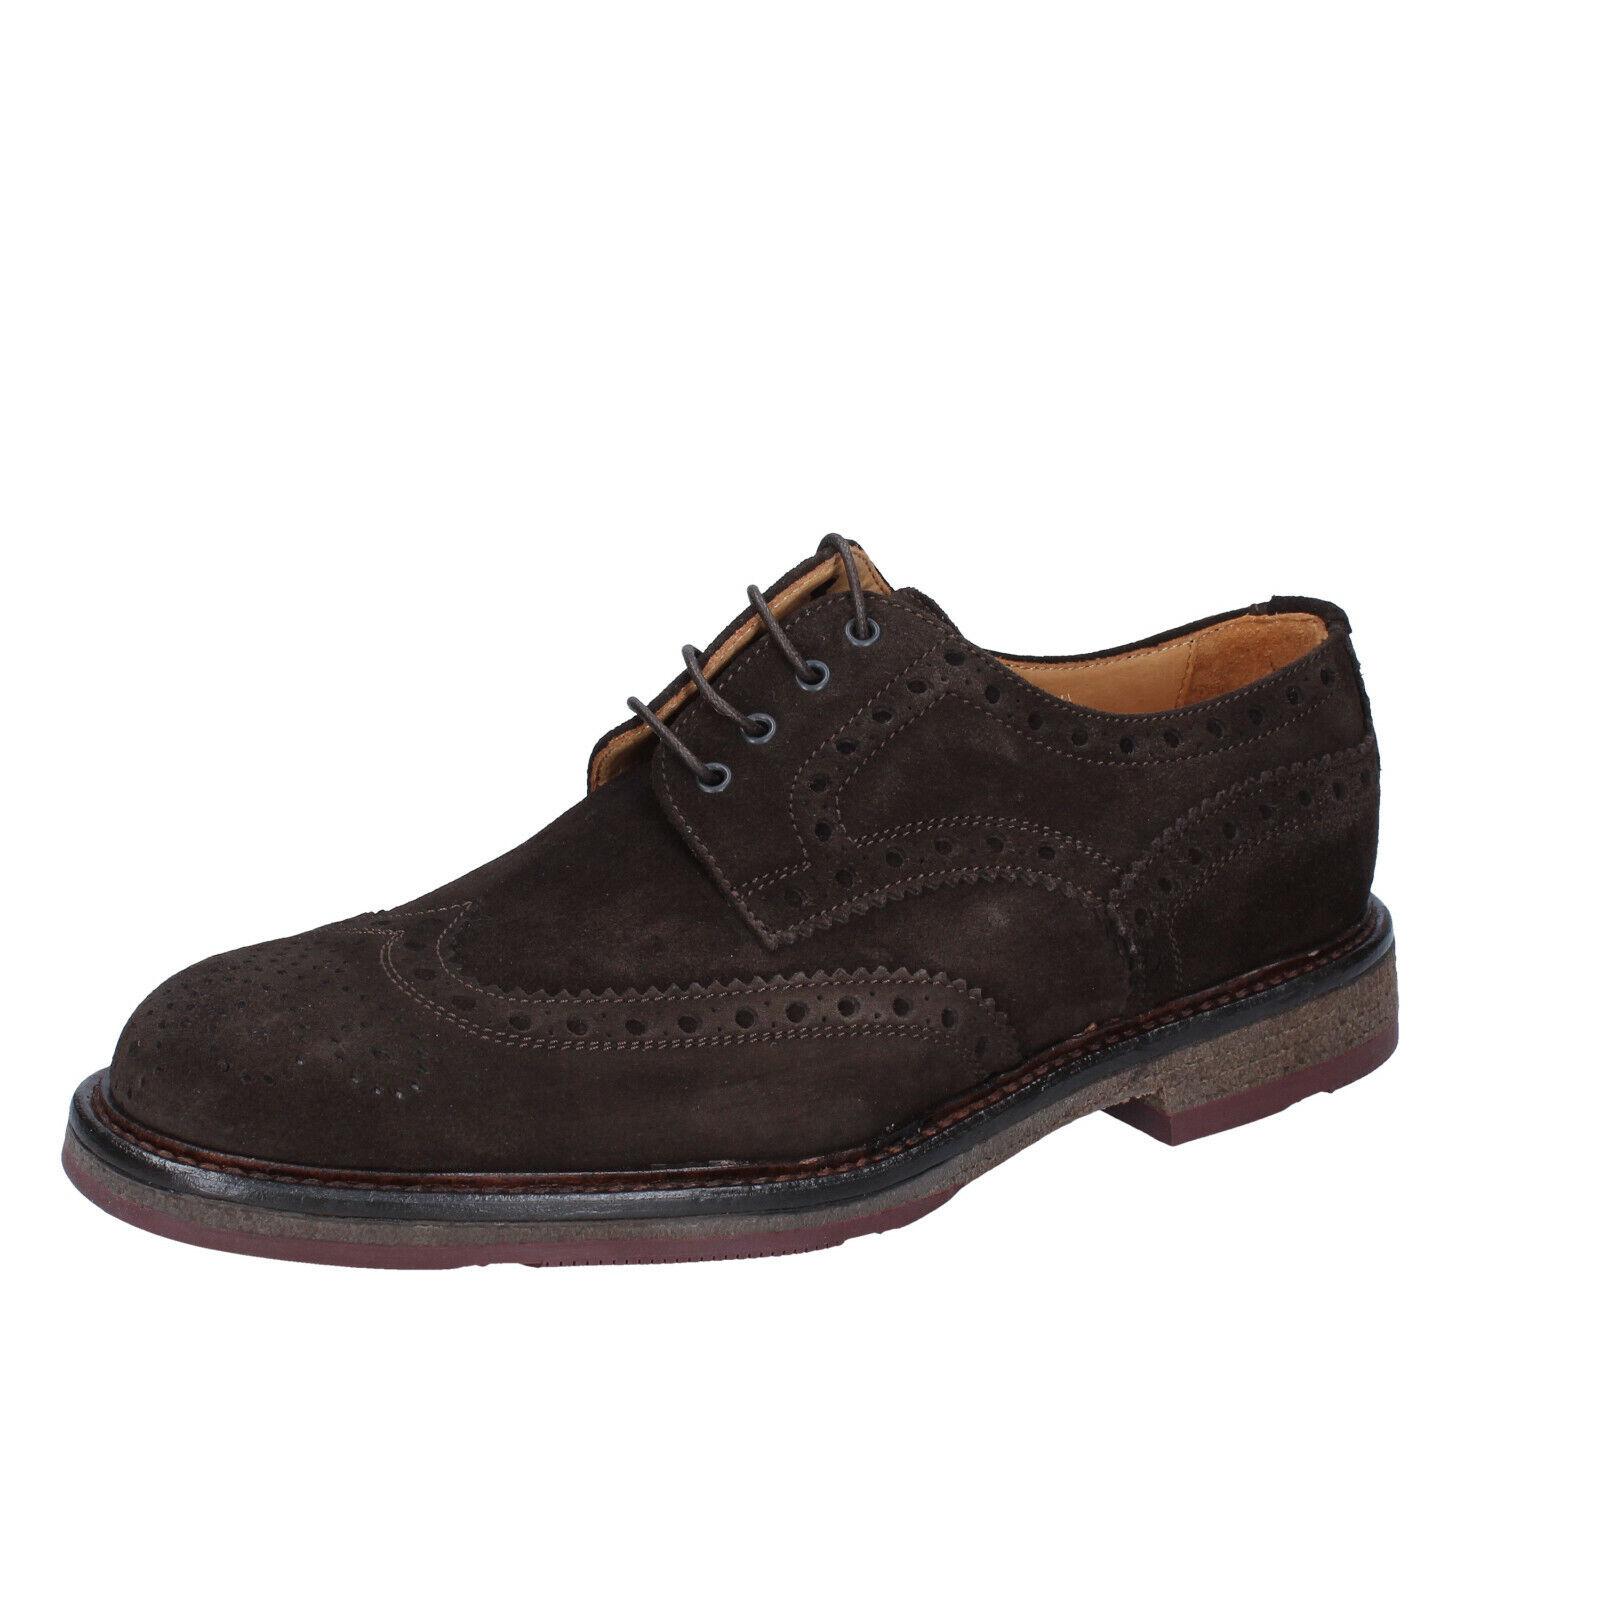 Men's zapatos ZENITH 10 () elegant marrón suede BS692-43